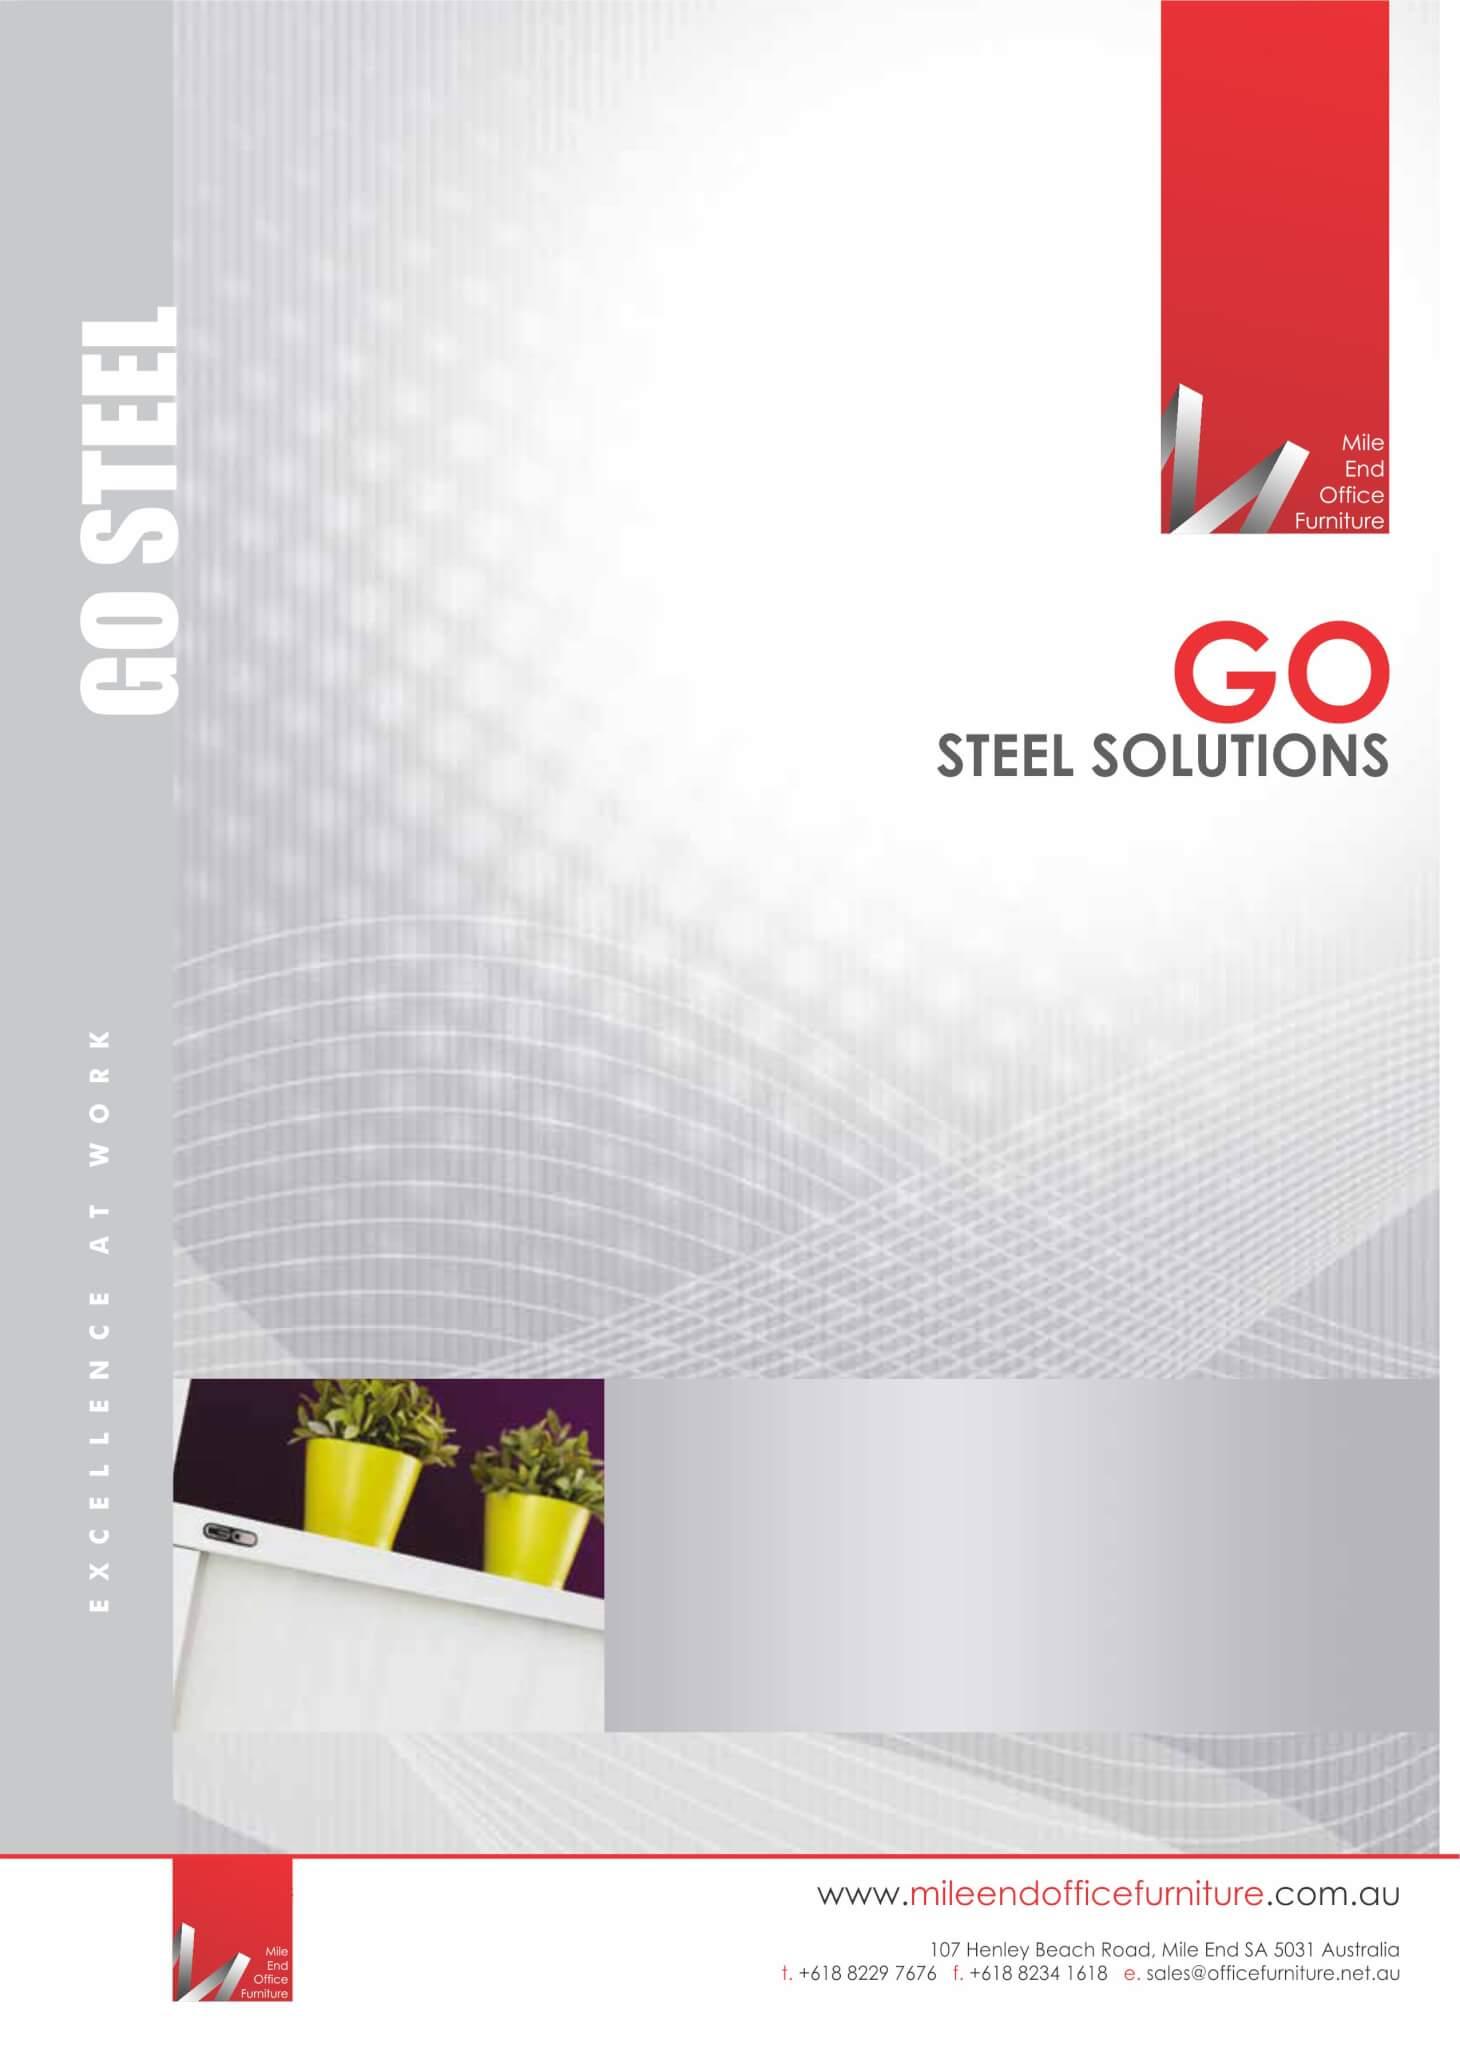 Go Steel